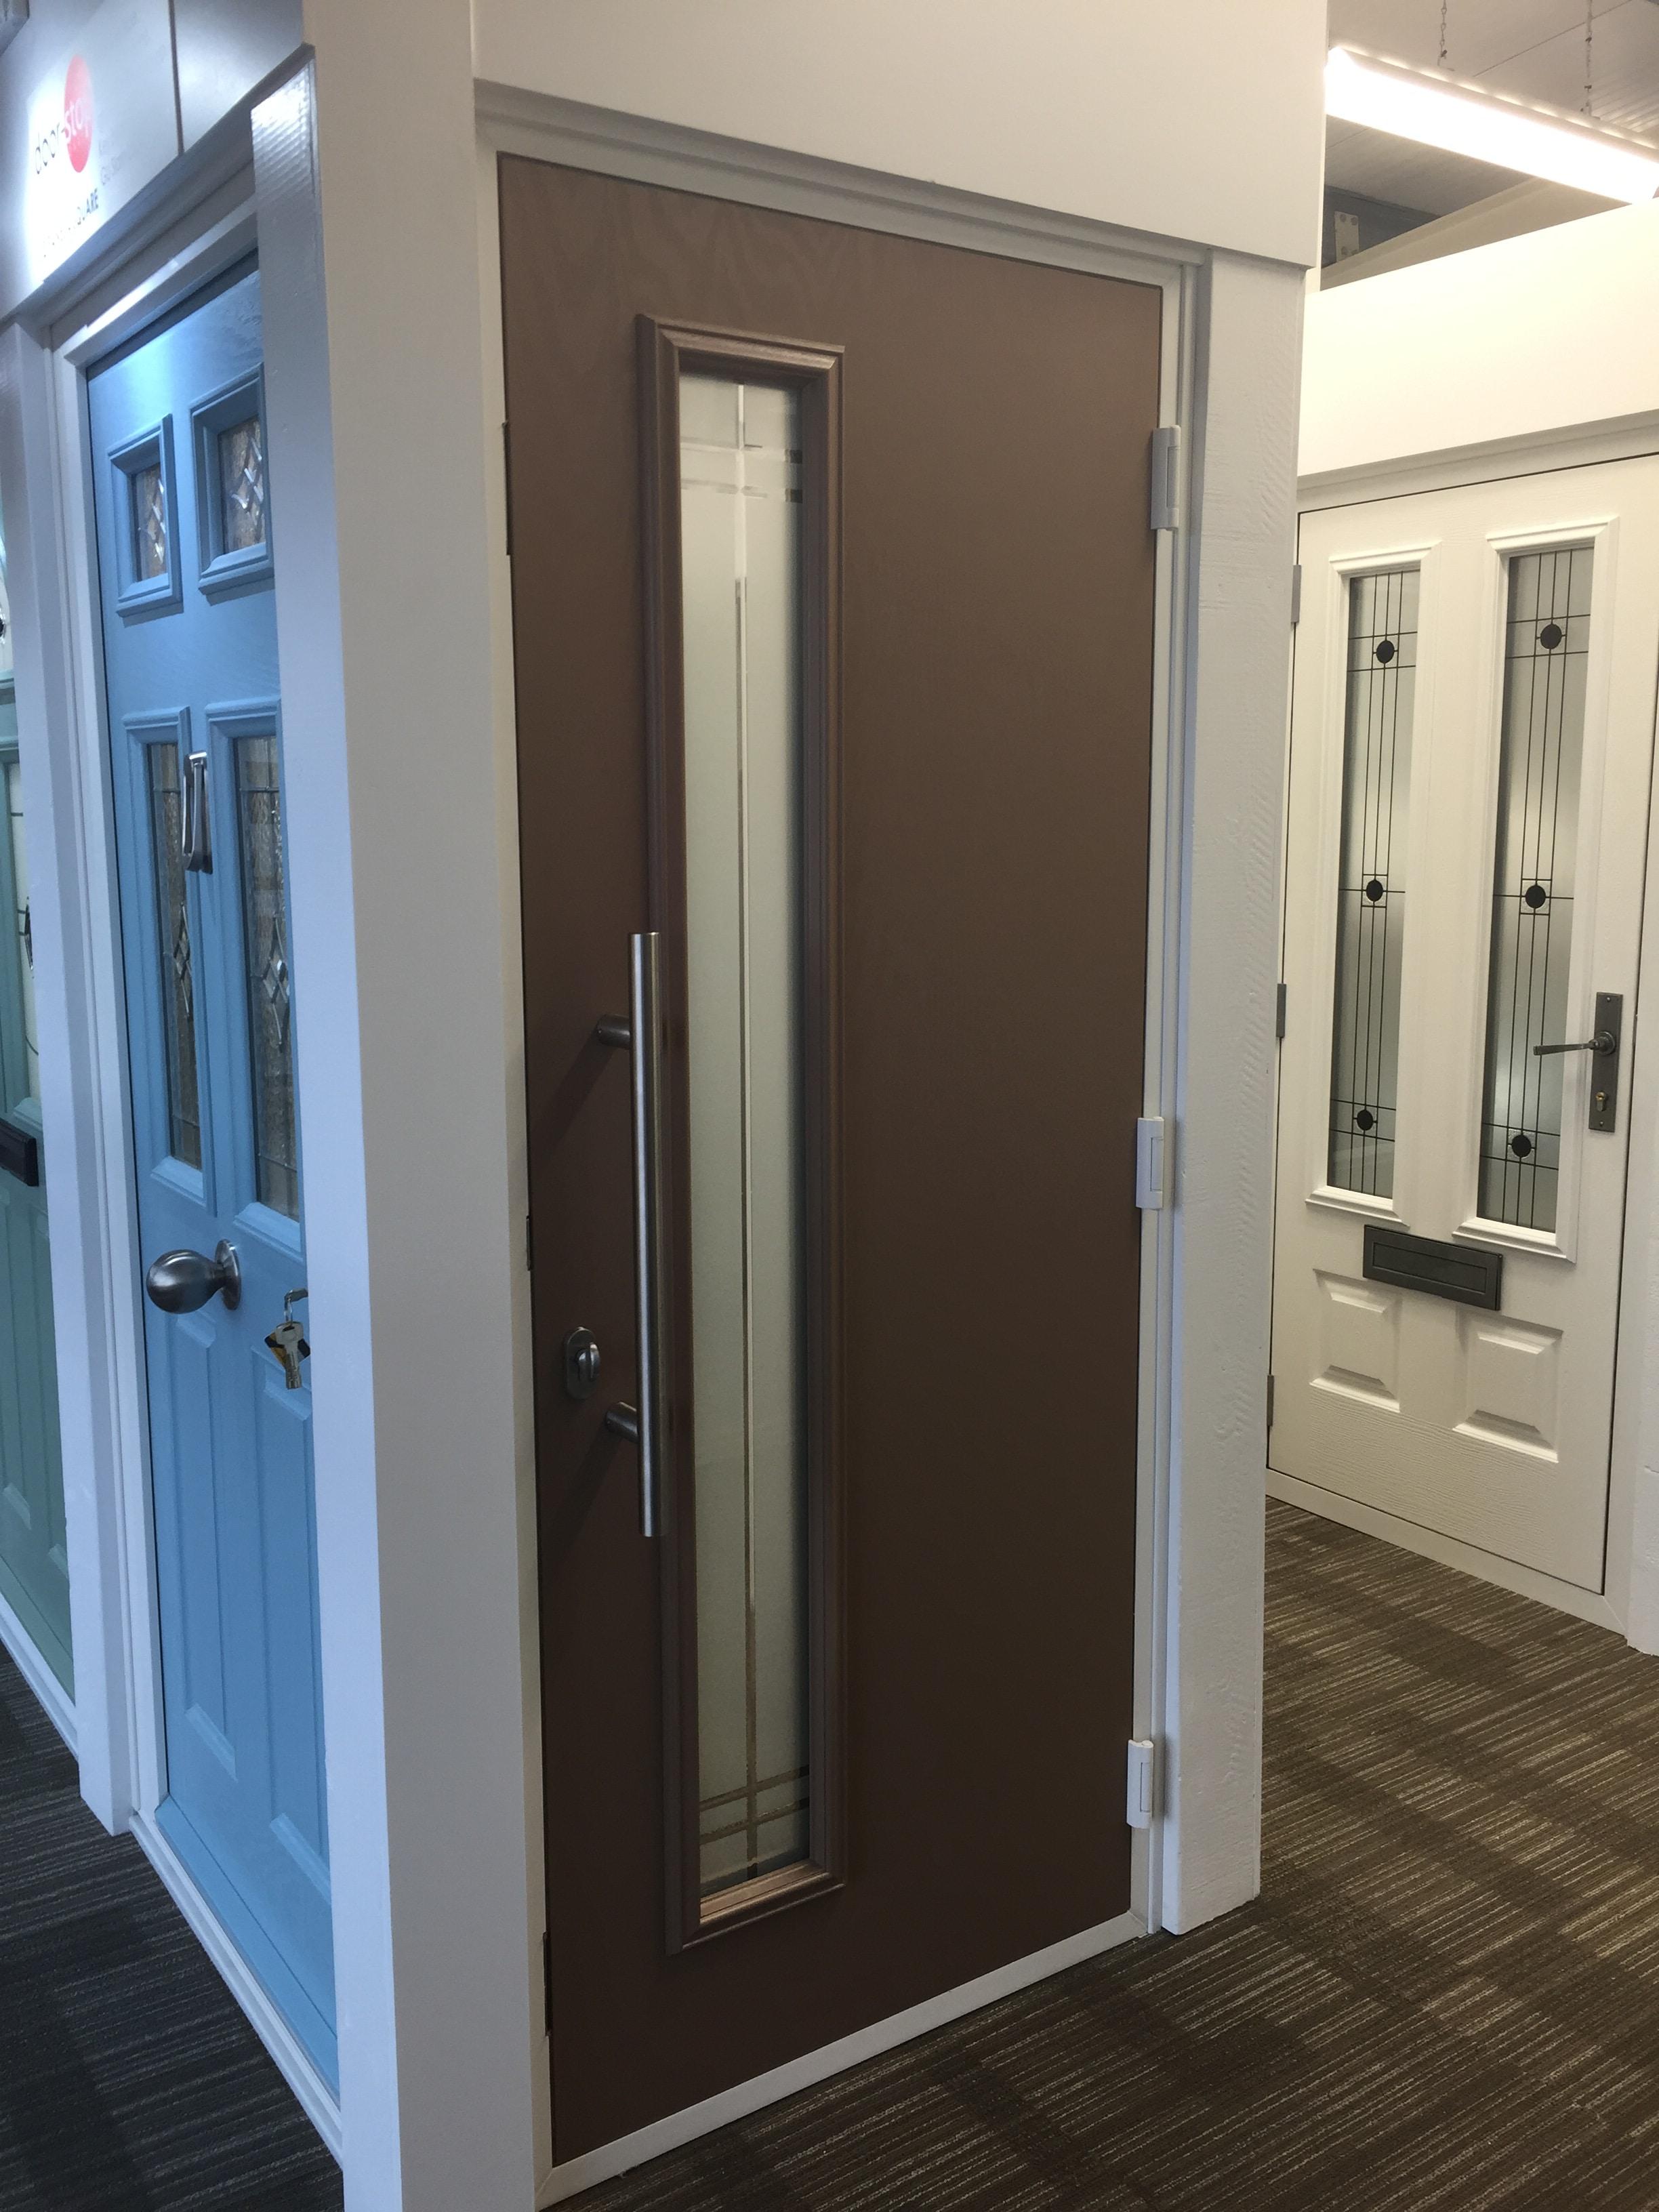 & Trudor Composite Doors | TWS Plastics